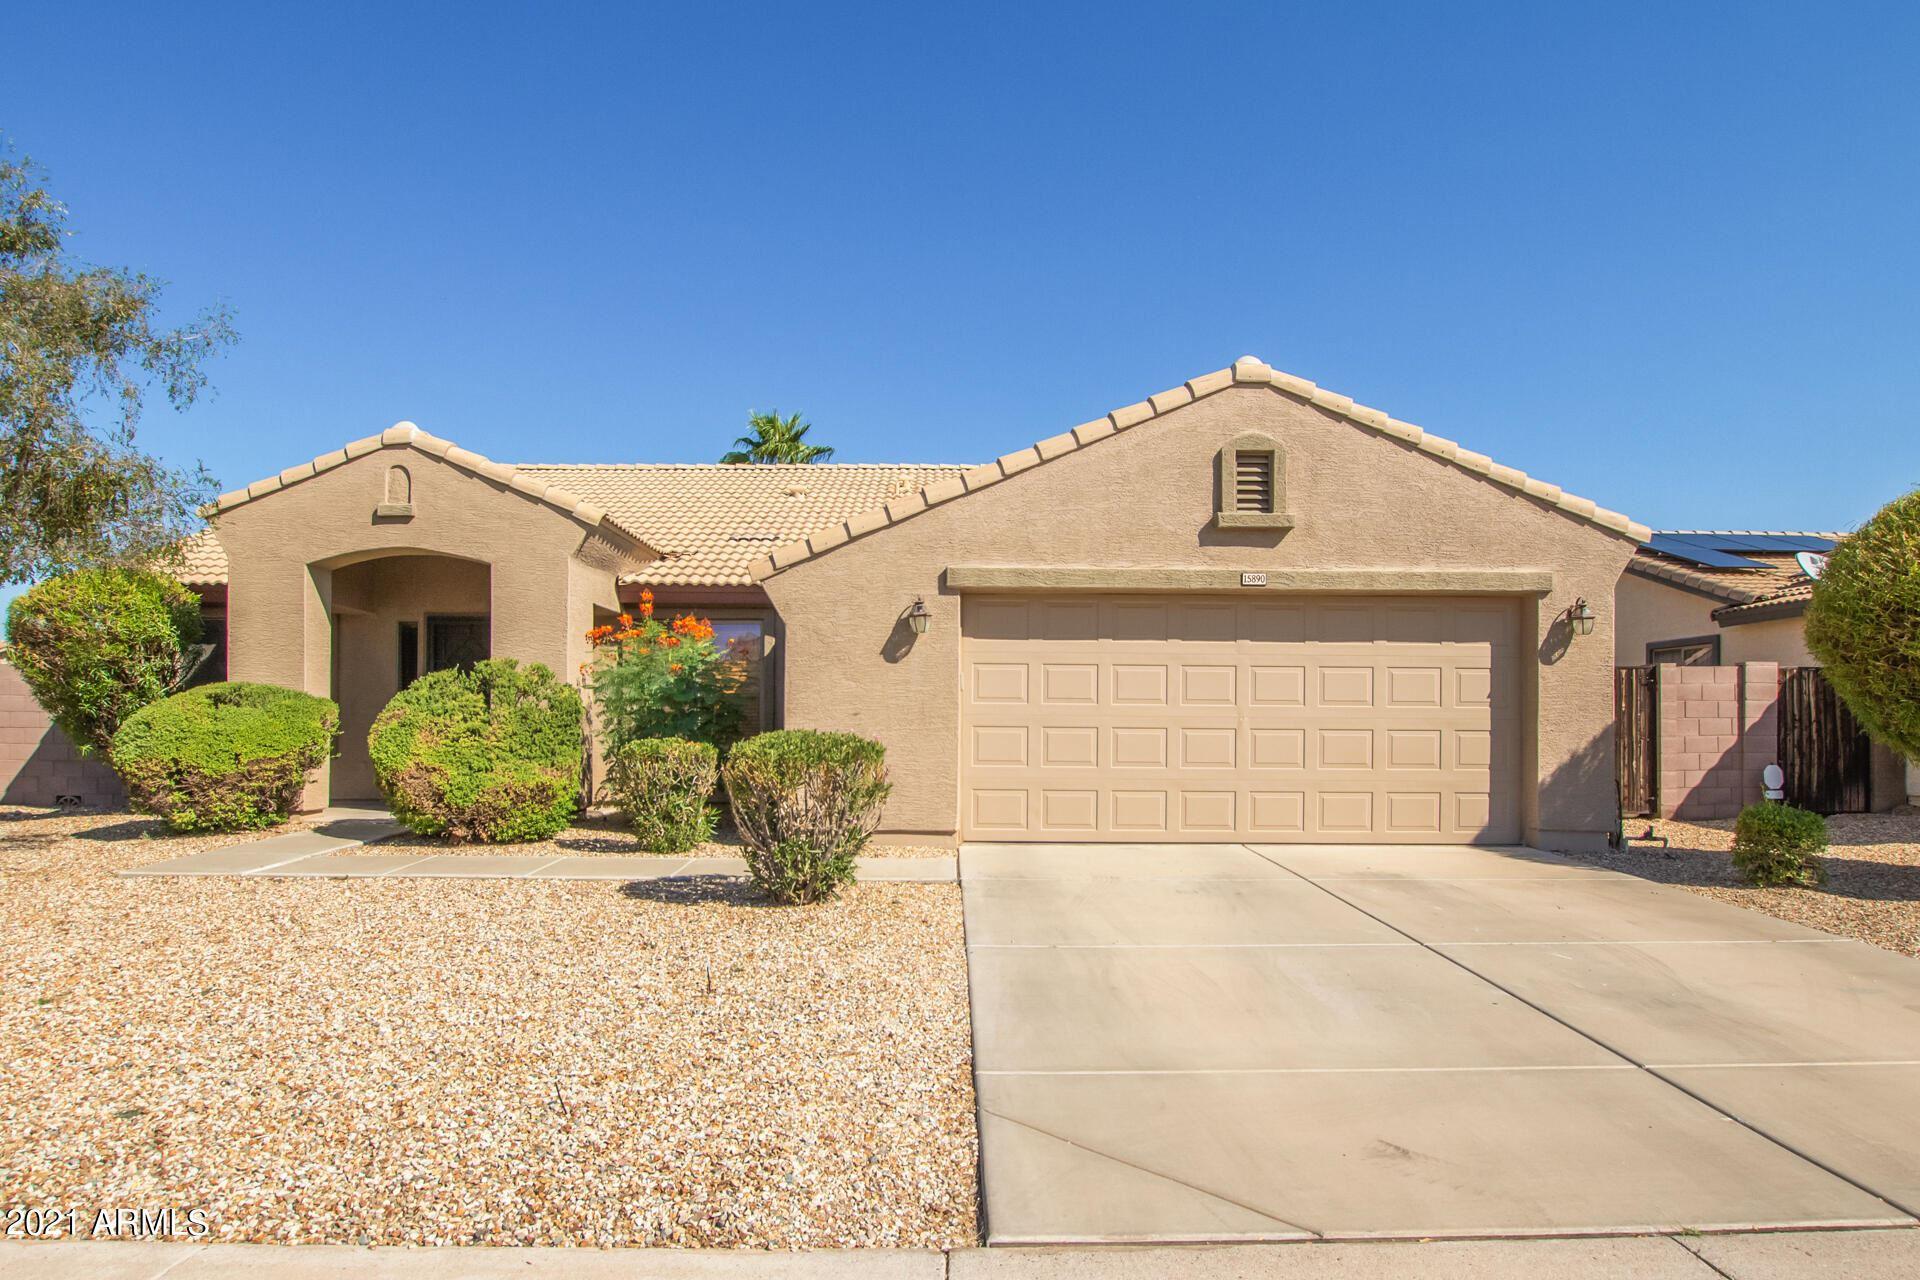 Photo of 15890 W PIMA Street, Goodyear, AZ 85338 (MLS # 6296544)